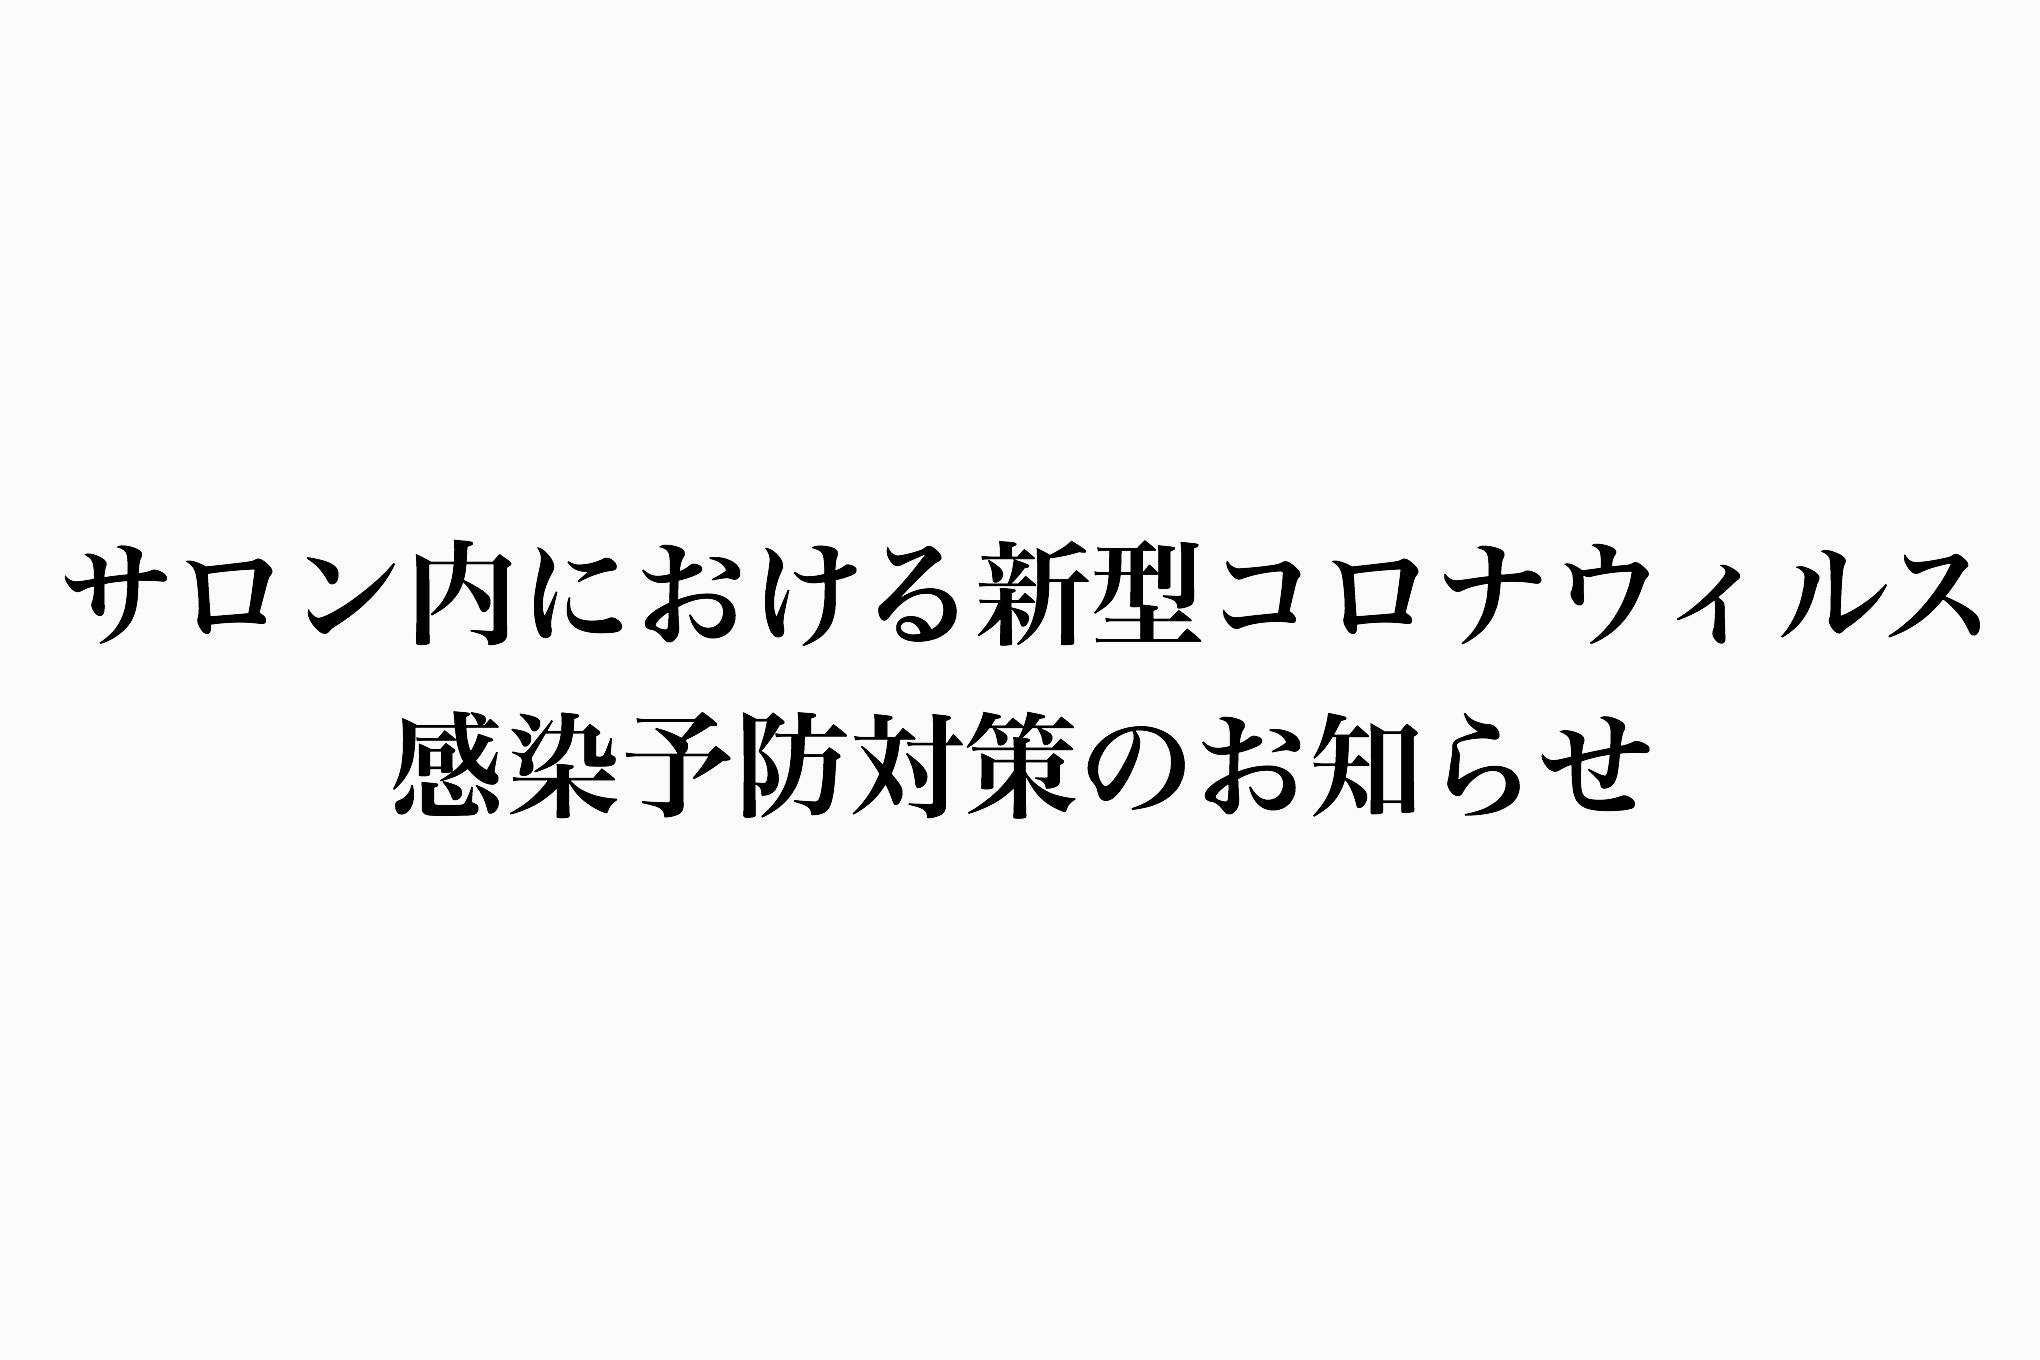 【新型コロナウィルス感染予防対策とお願い】